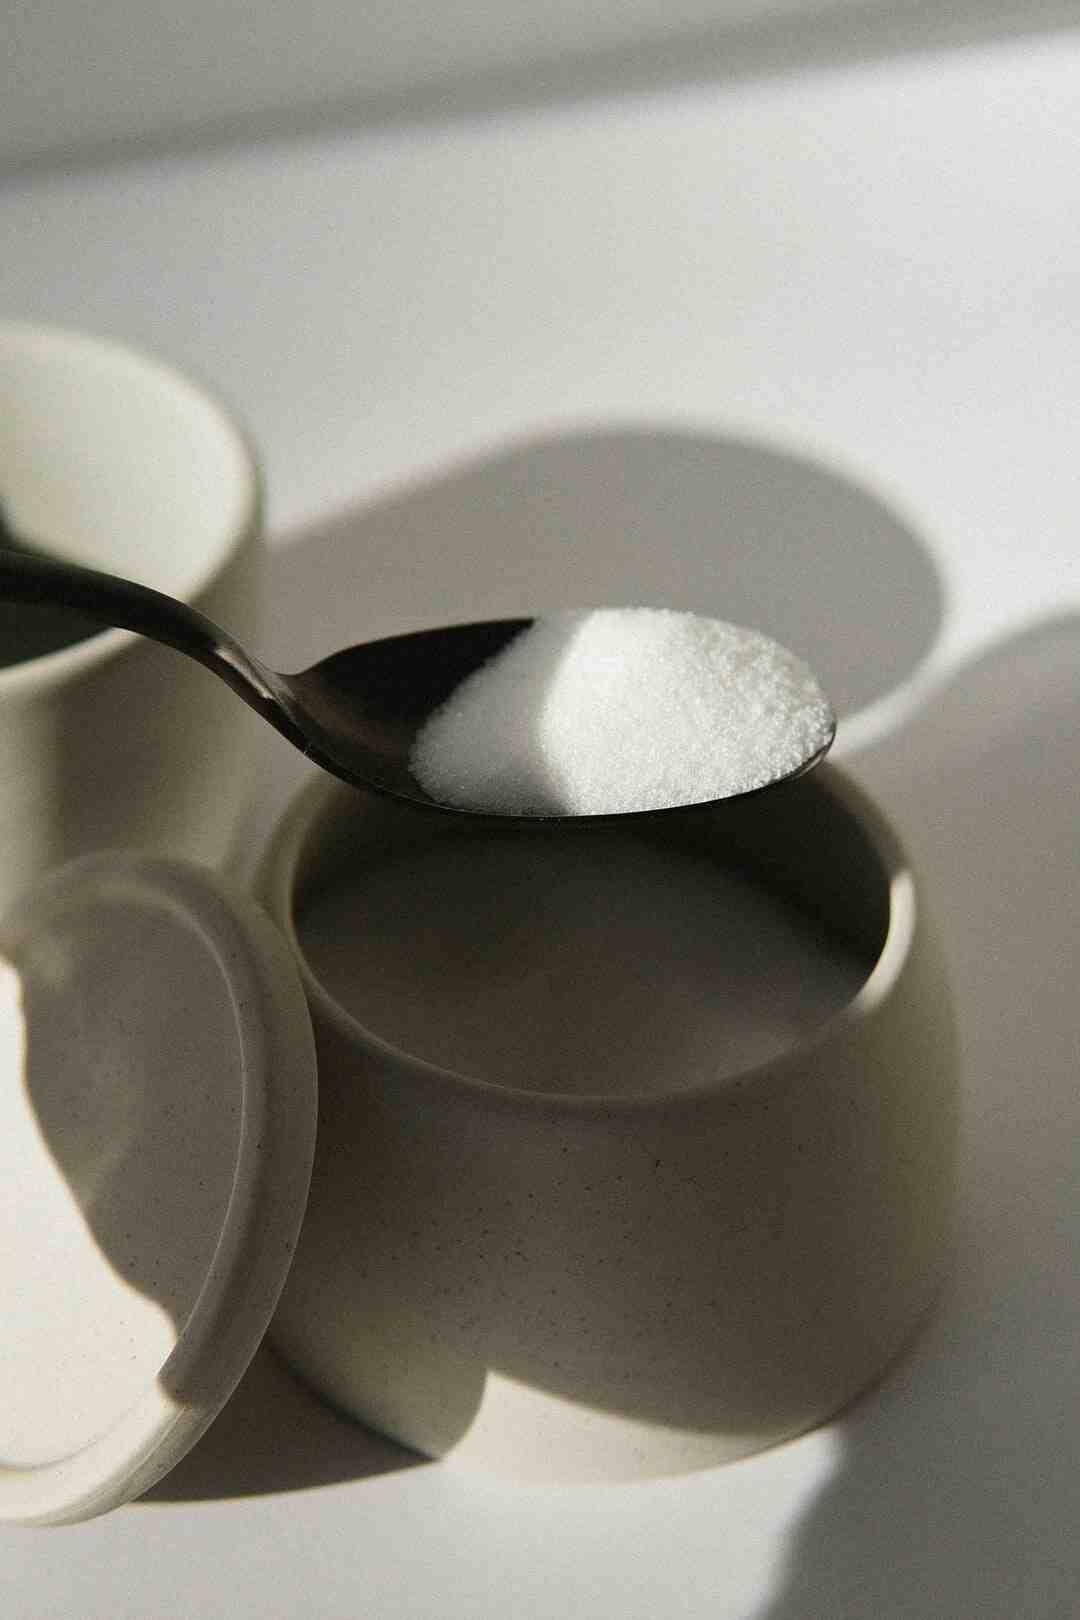 Comment manger moins de sucre